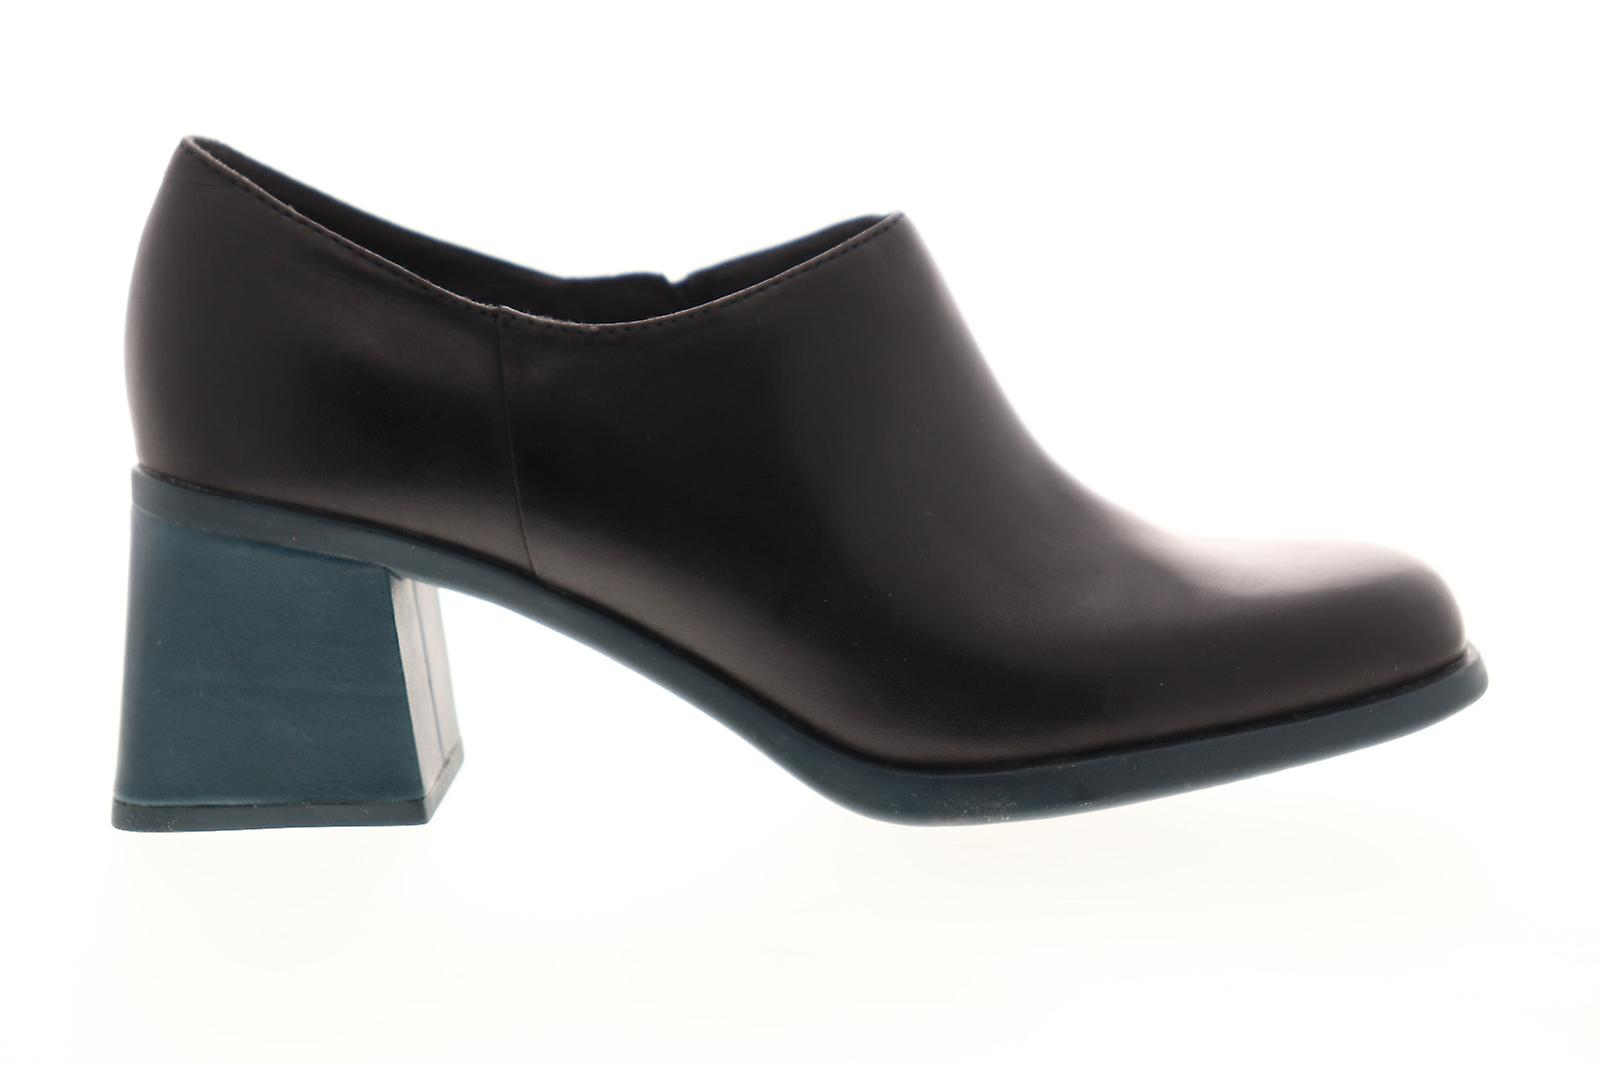 Camper Karolina Dame sort læder slip på casual kjole støvler